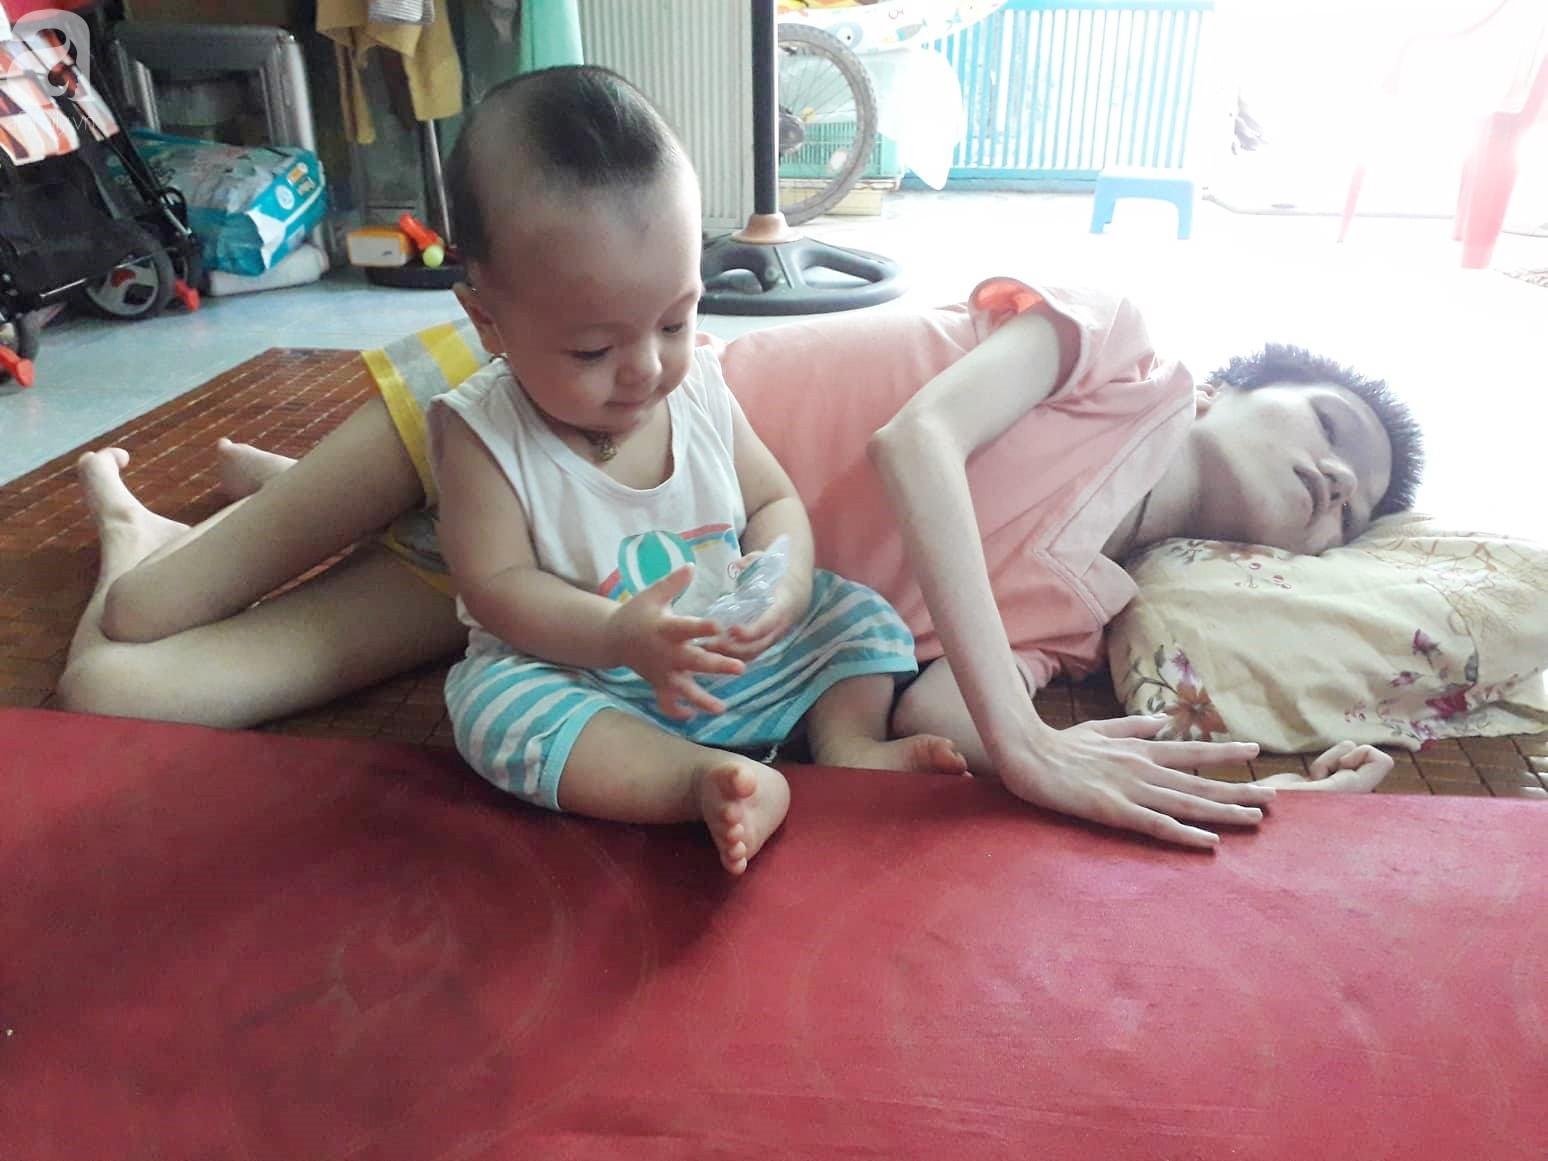 Đà Nẵng: Người mẹ nghèo nuôi 3 con thơ nheo nhóc, bất lực nhìn con gái 15 tuổi co giật vì bệnh u máu quái ác - Ảnh 6.